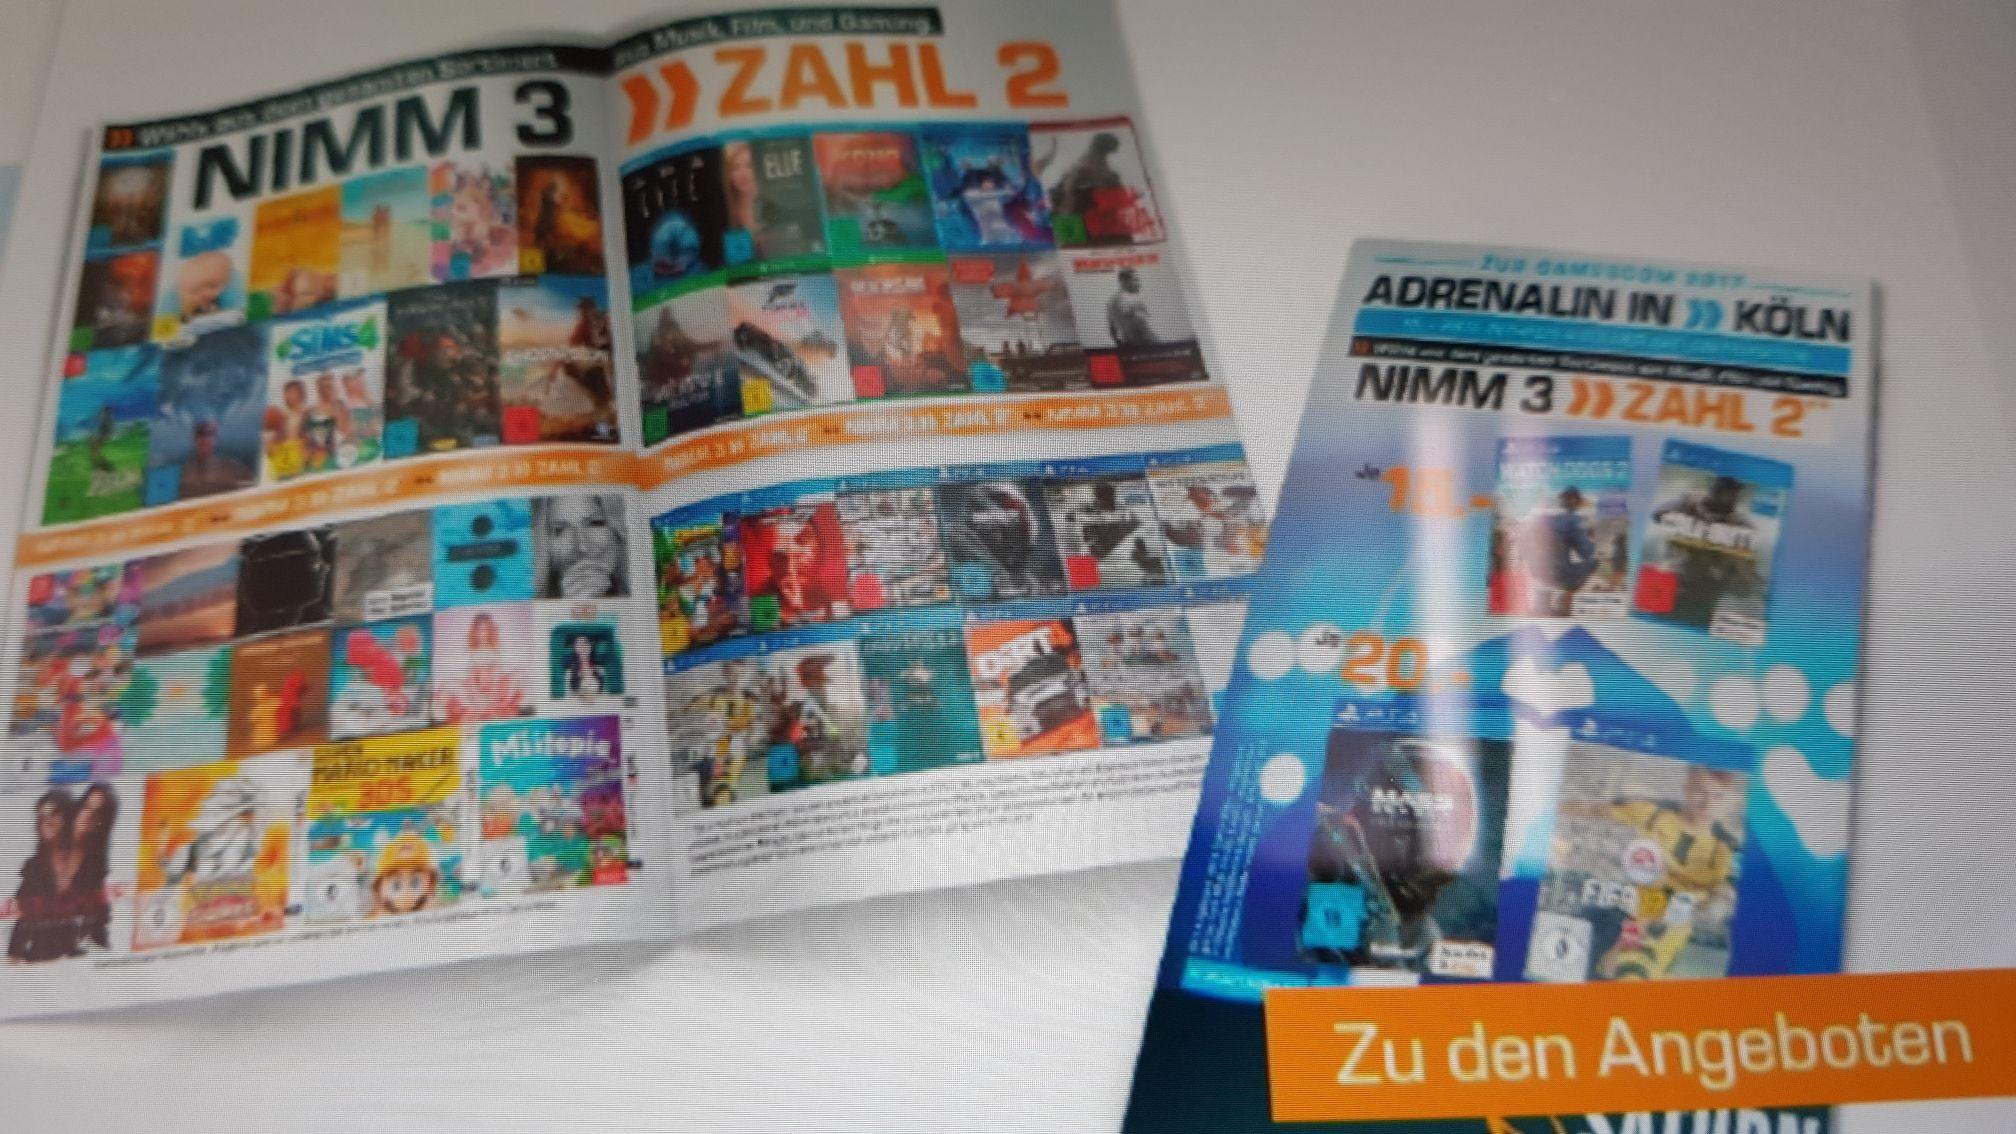 [Lokal Köln] Gamescom viele Titel u.a. Saturn Watchdogs 2 Infinite Warfare für je 15 EUR (FIFA 17 + MASS Andromeda + UFC 2 je 20 Euro) XBox one und PS4 zusätzlich 3 für 2 auf Games, Film und Musik